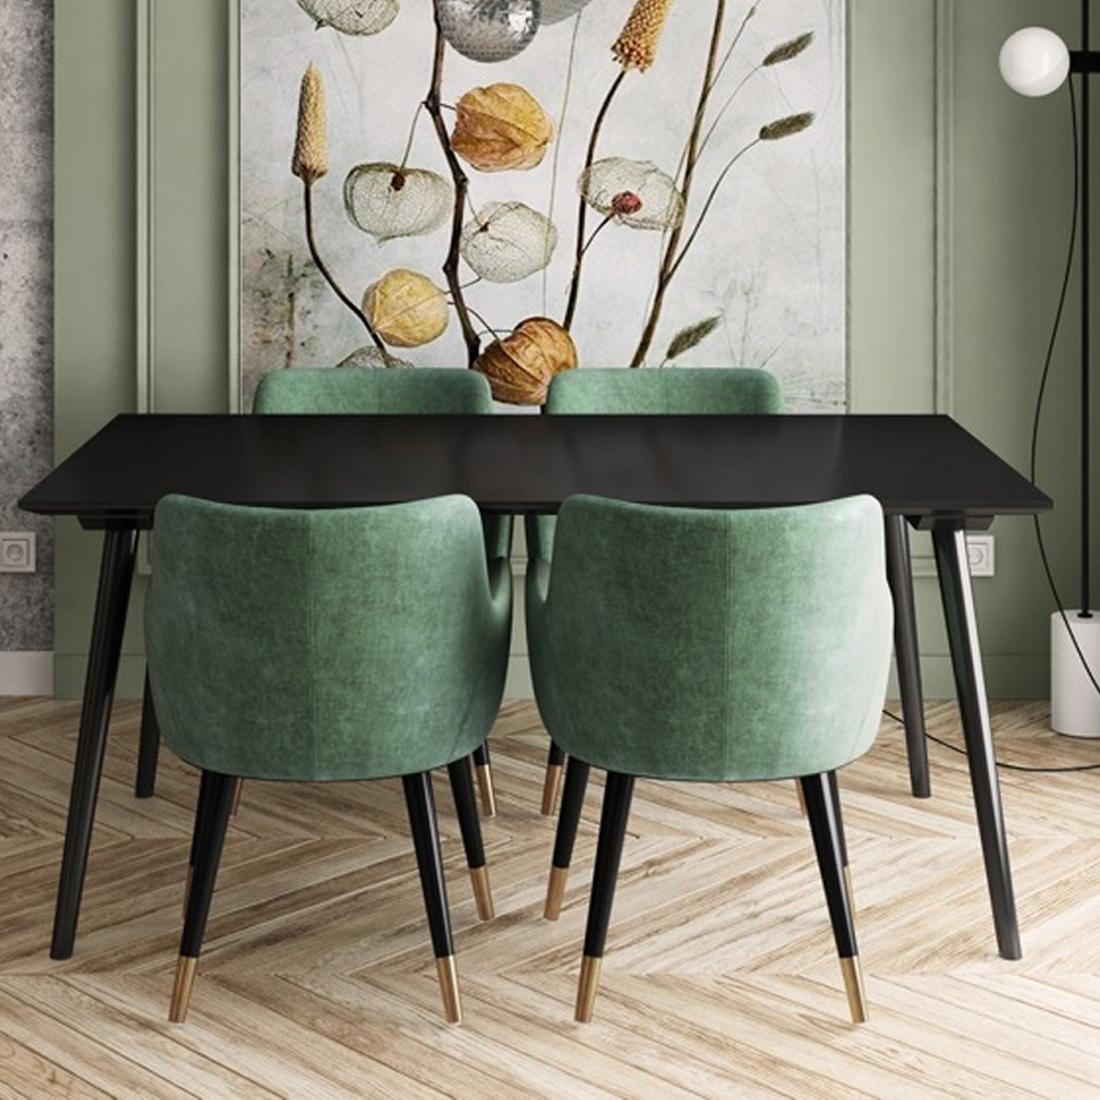 Модные стулья для кухни 2021: которые можно купить прямо сейчас